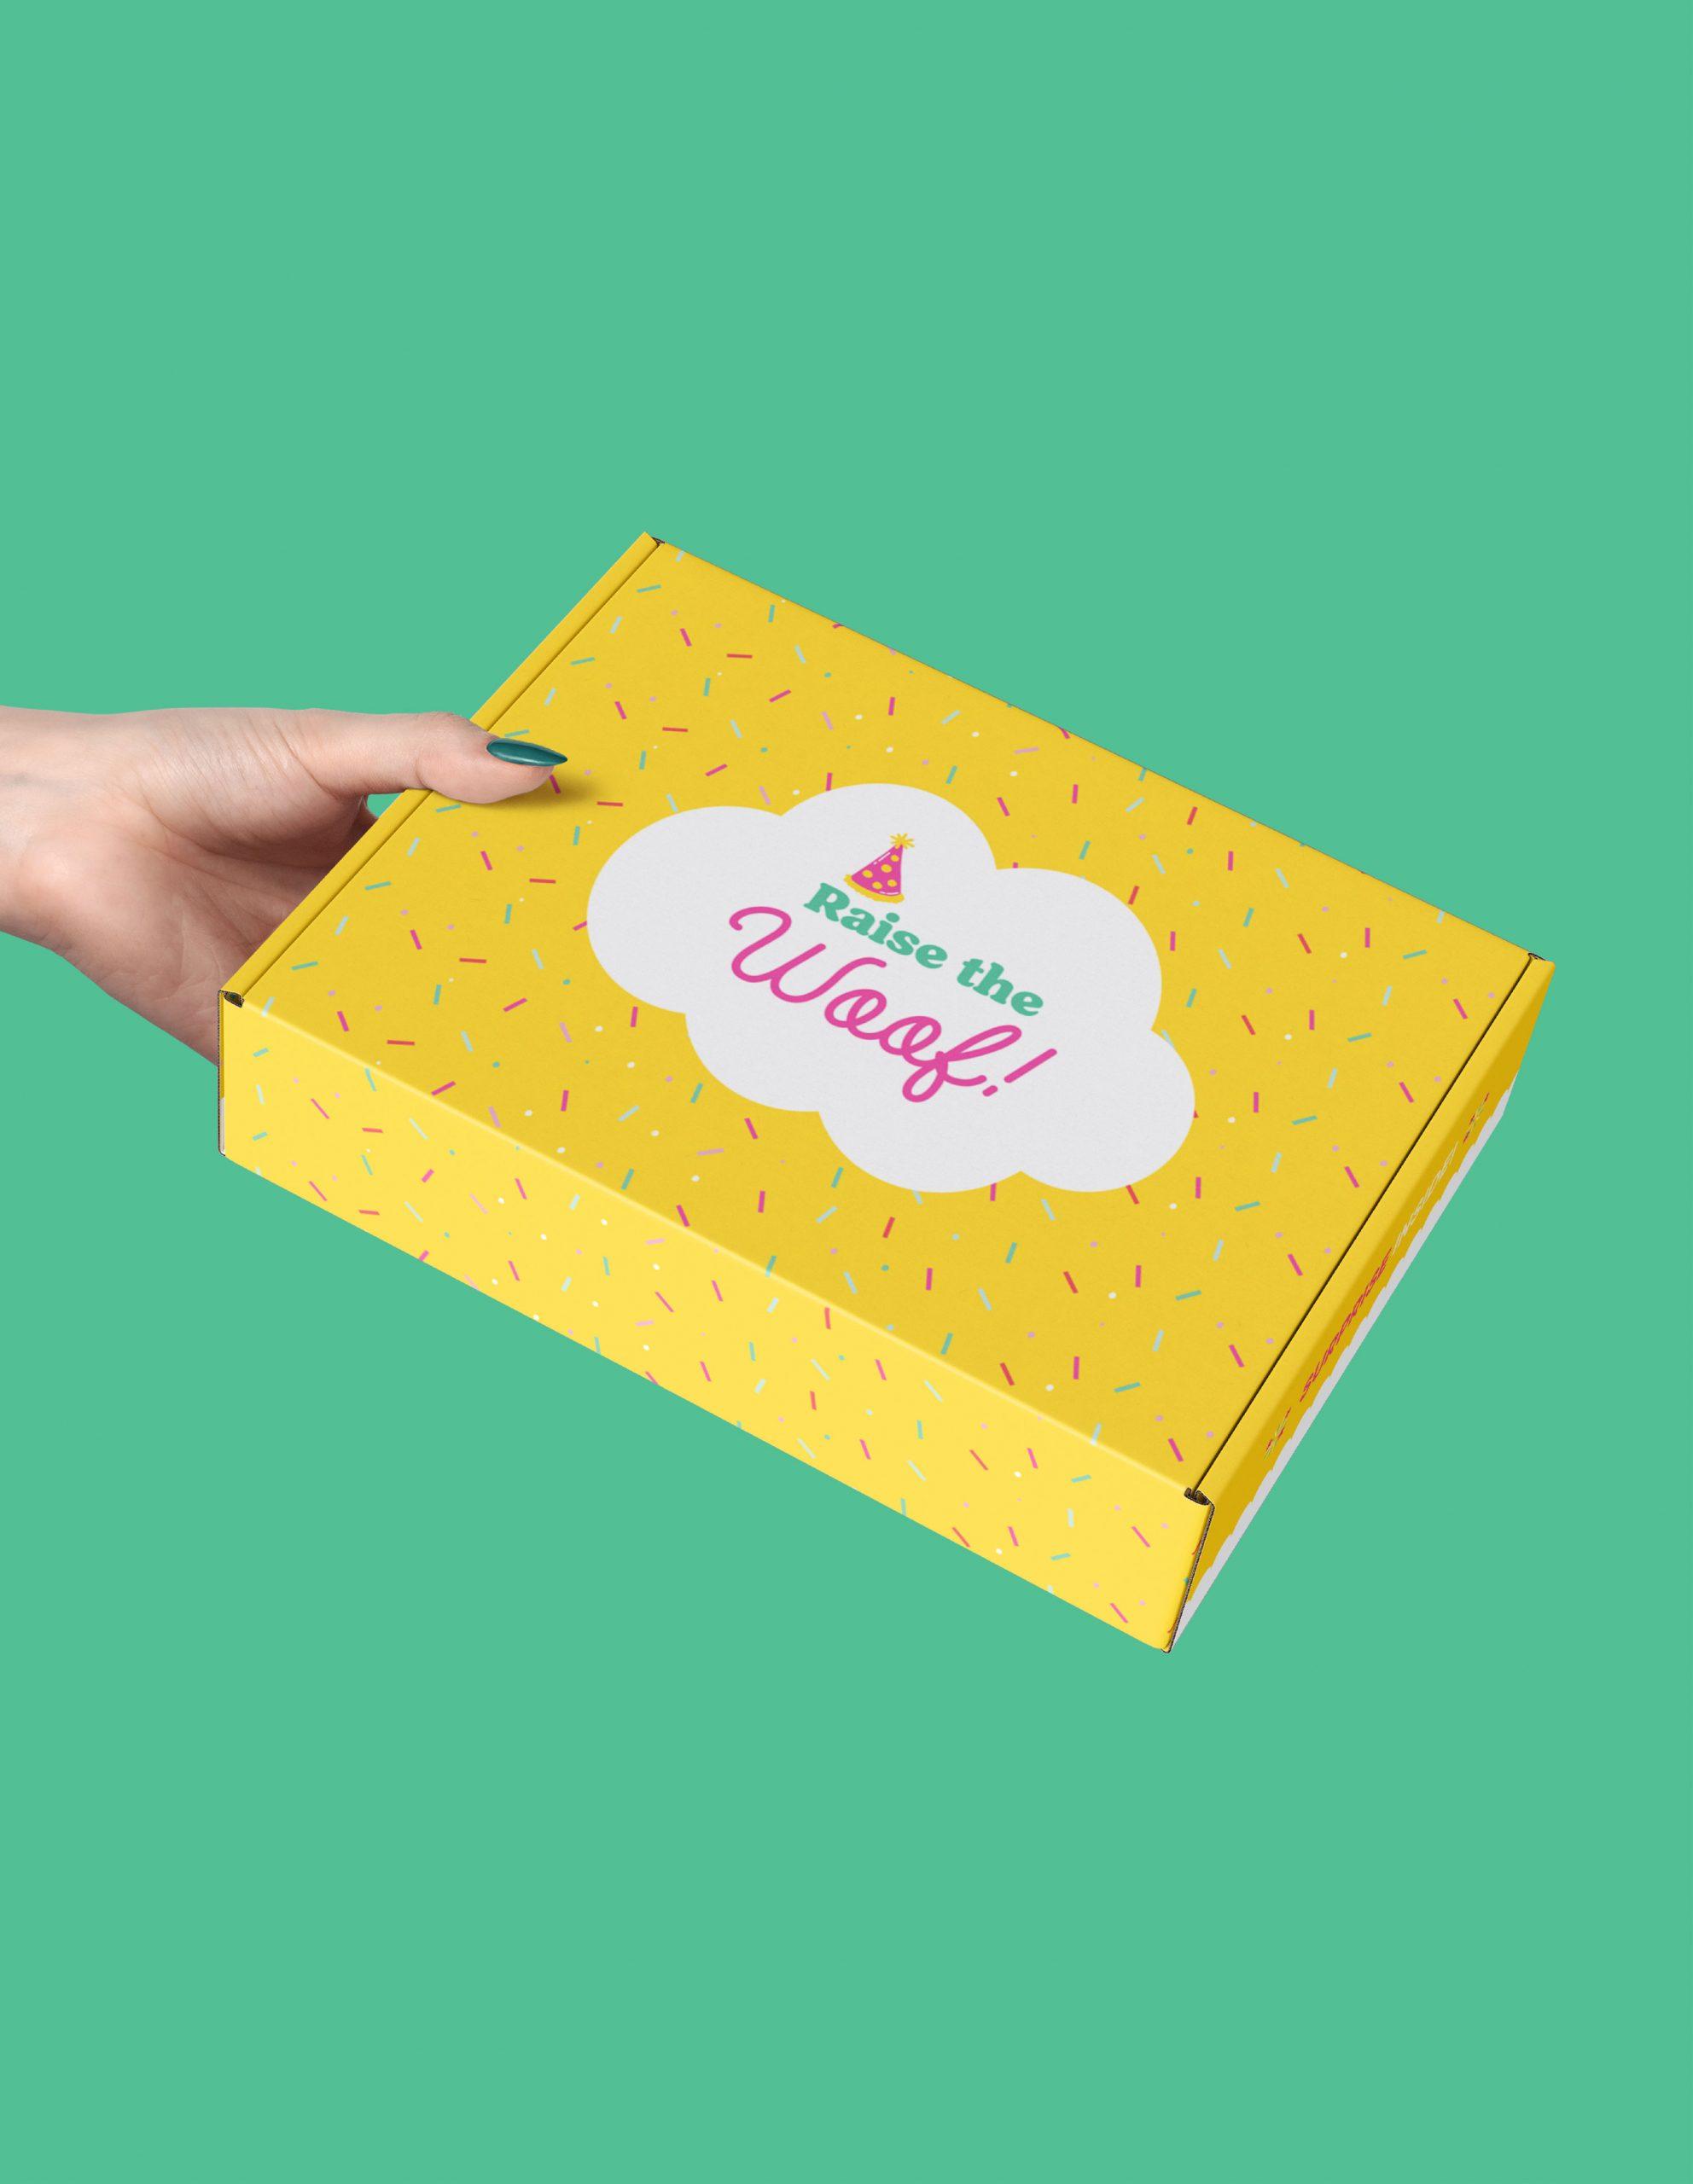 hand holding yellow gift box